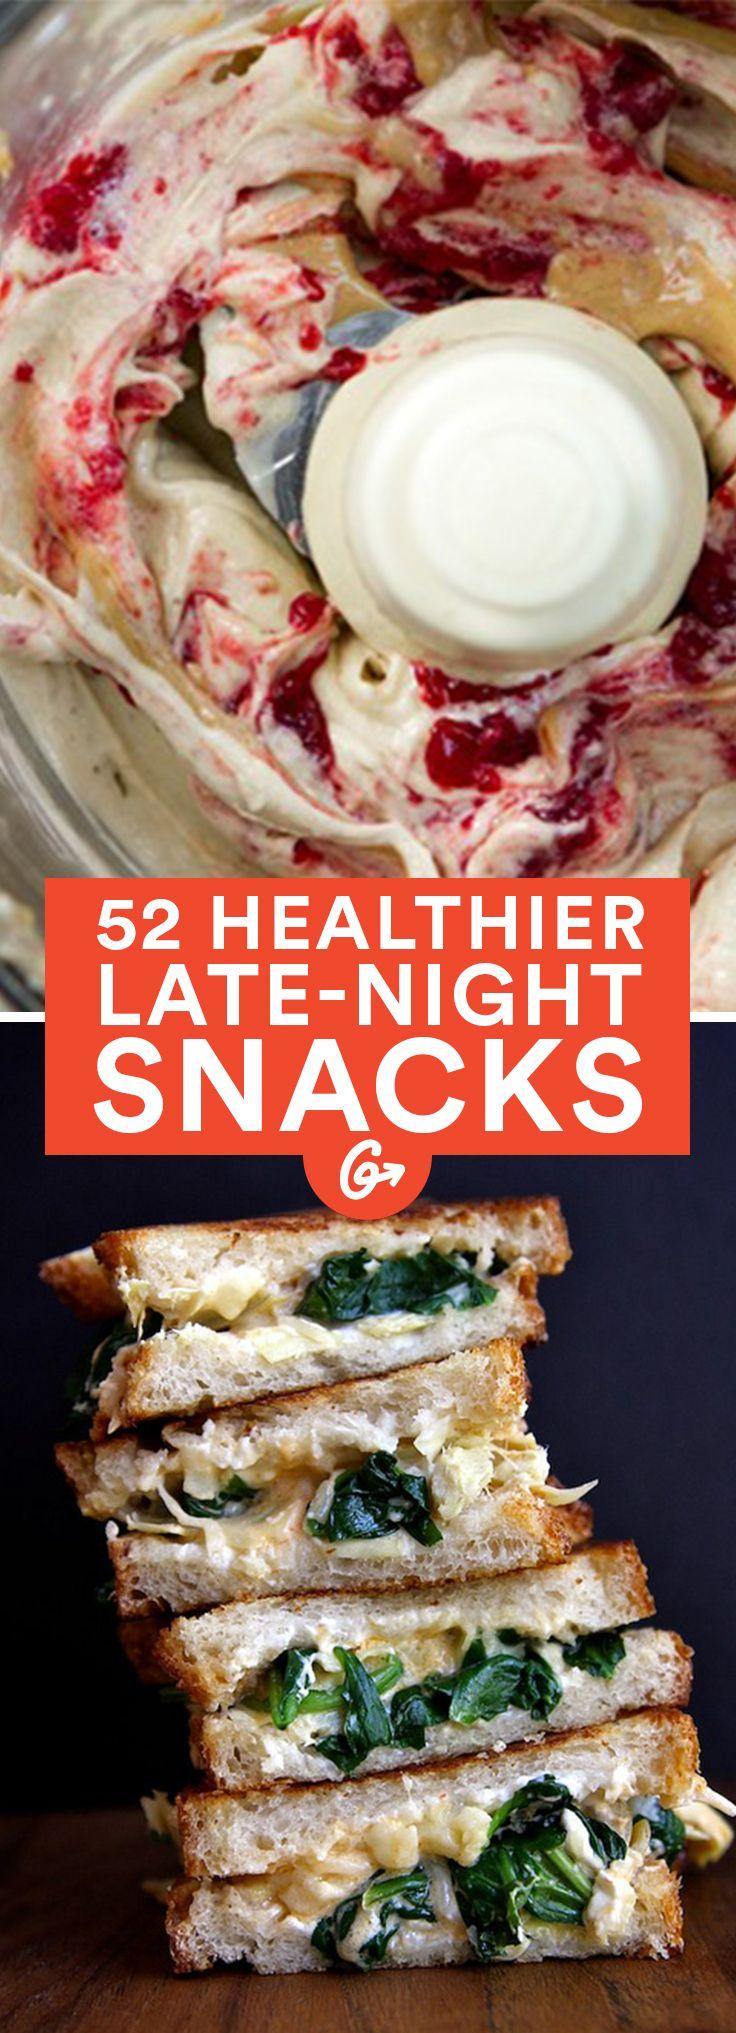 Healthy Midnight Snacks: 52 Healthier Alternatives to Late-Night Treats